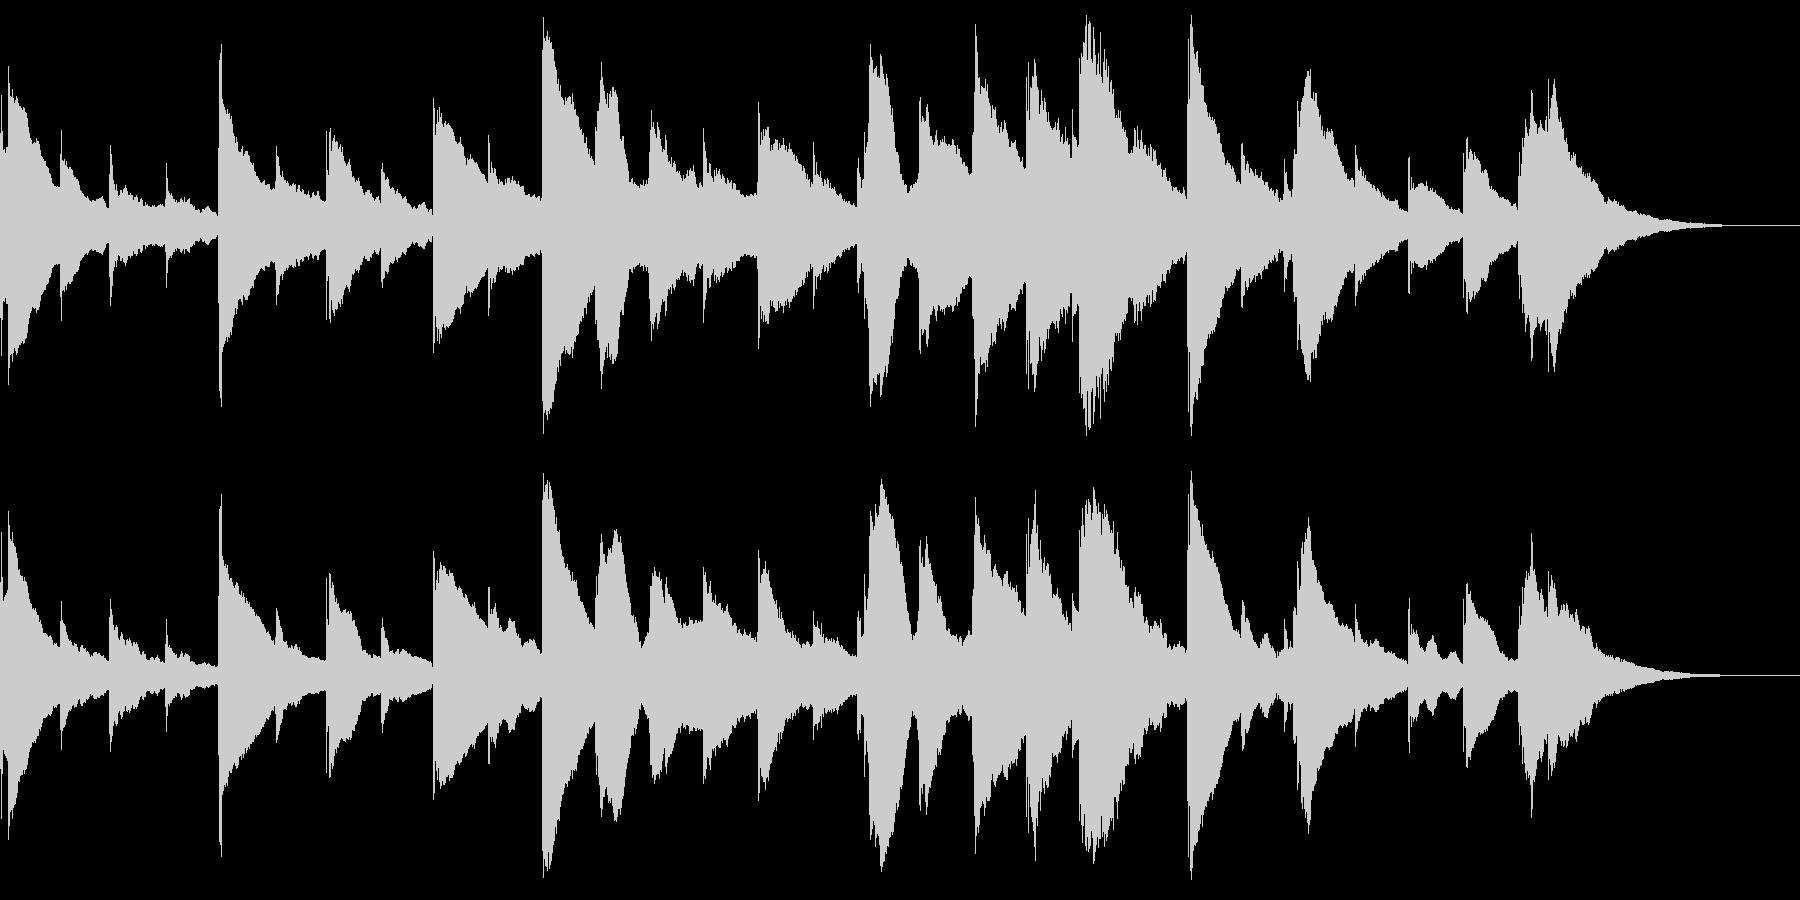 オルゴールが奏でるバラードの未再生の波形